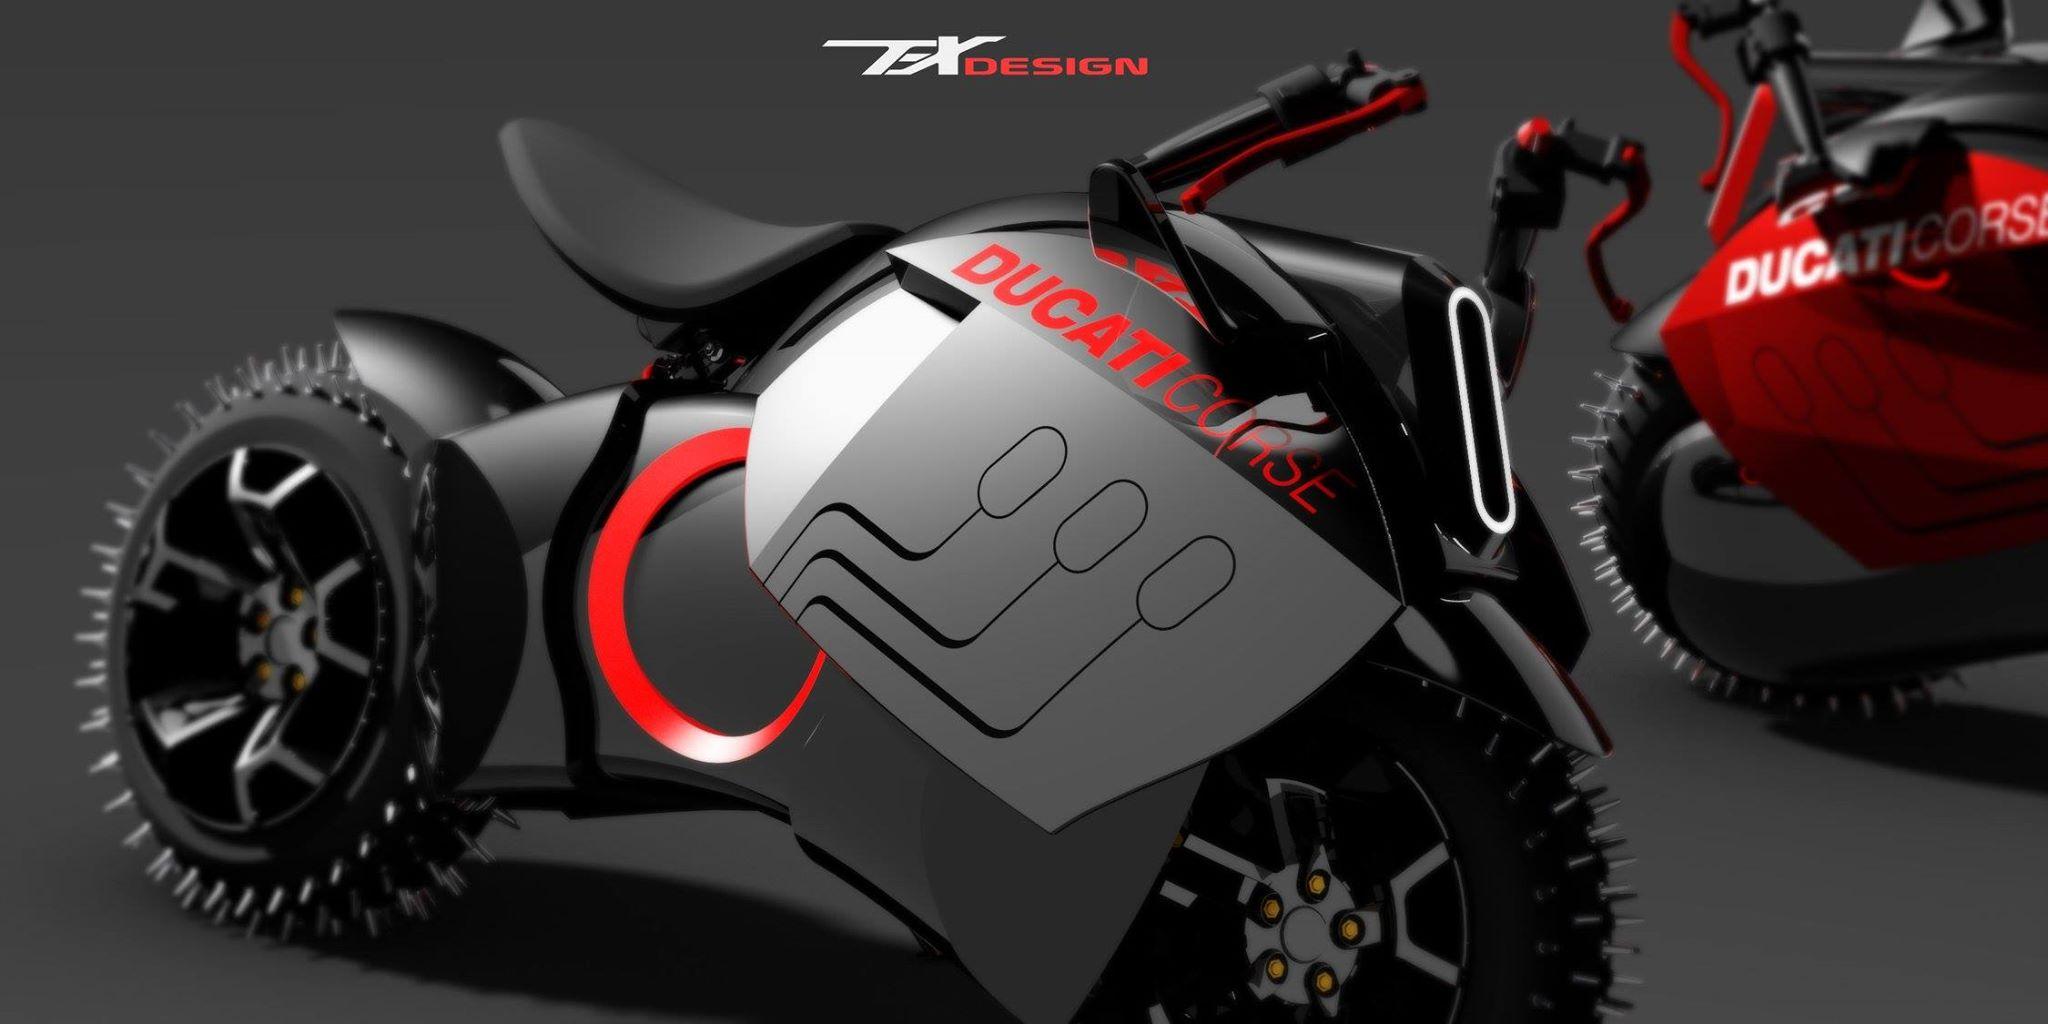 Ducati Chopper